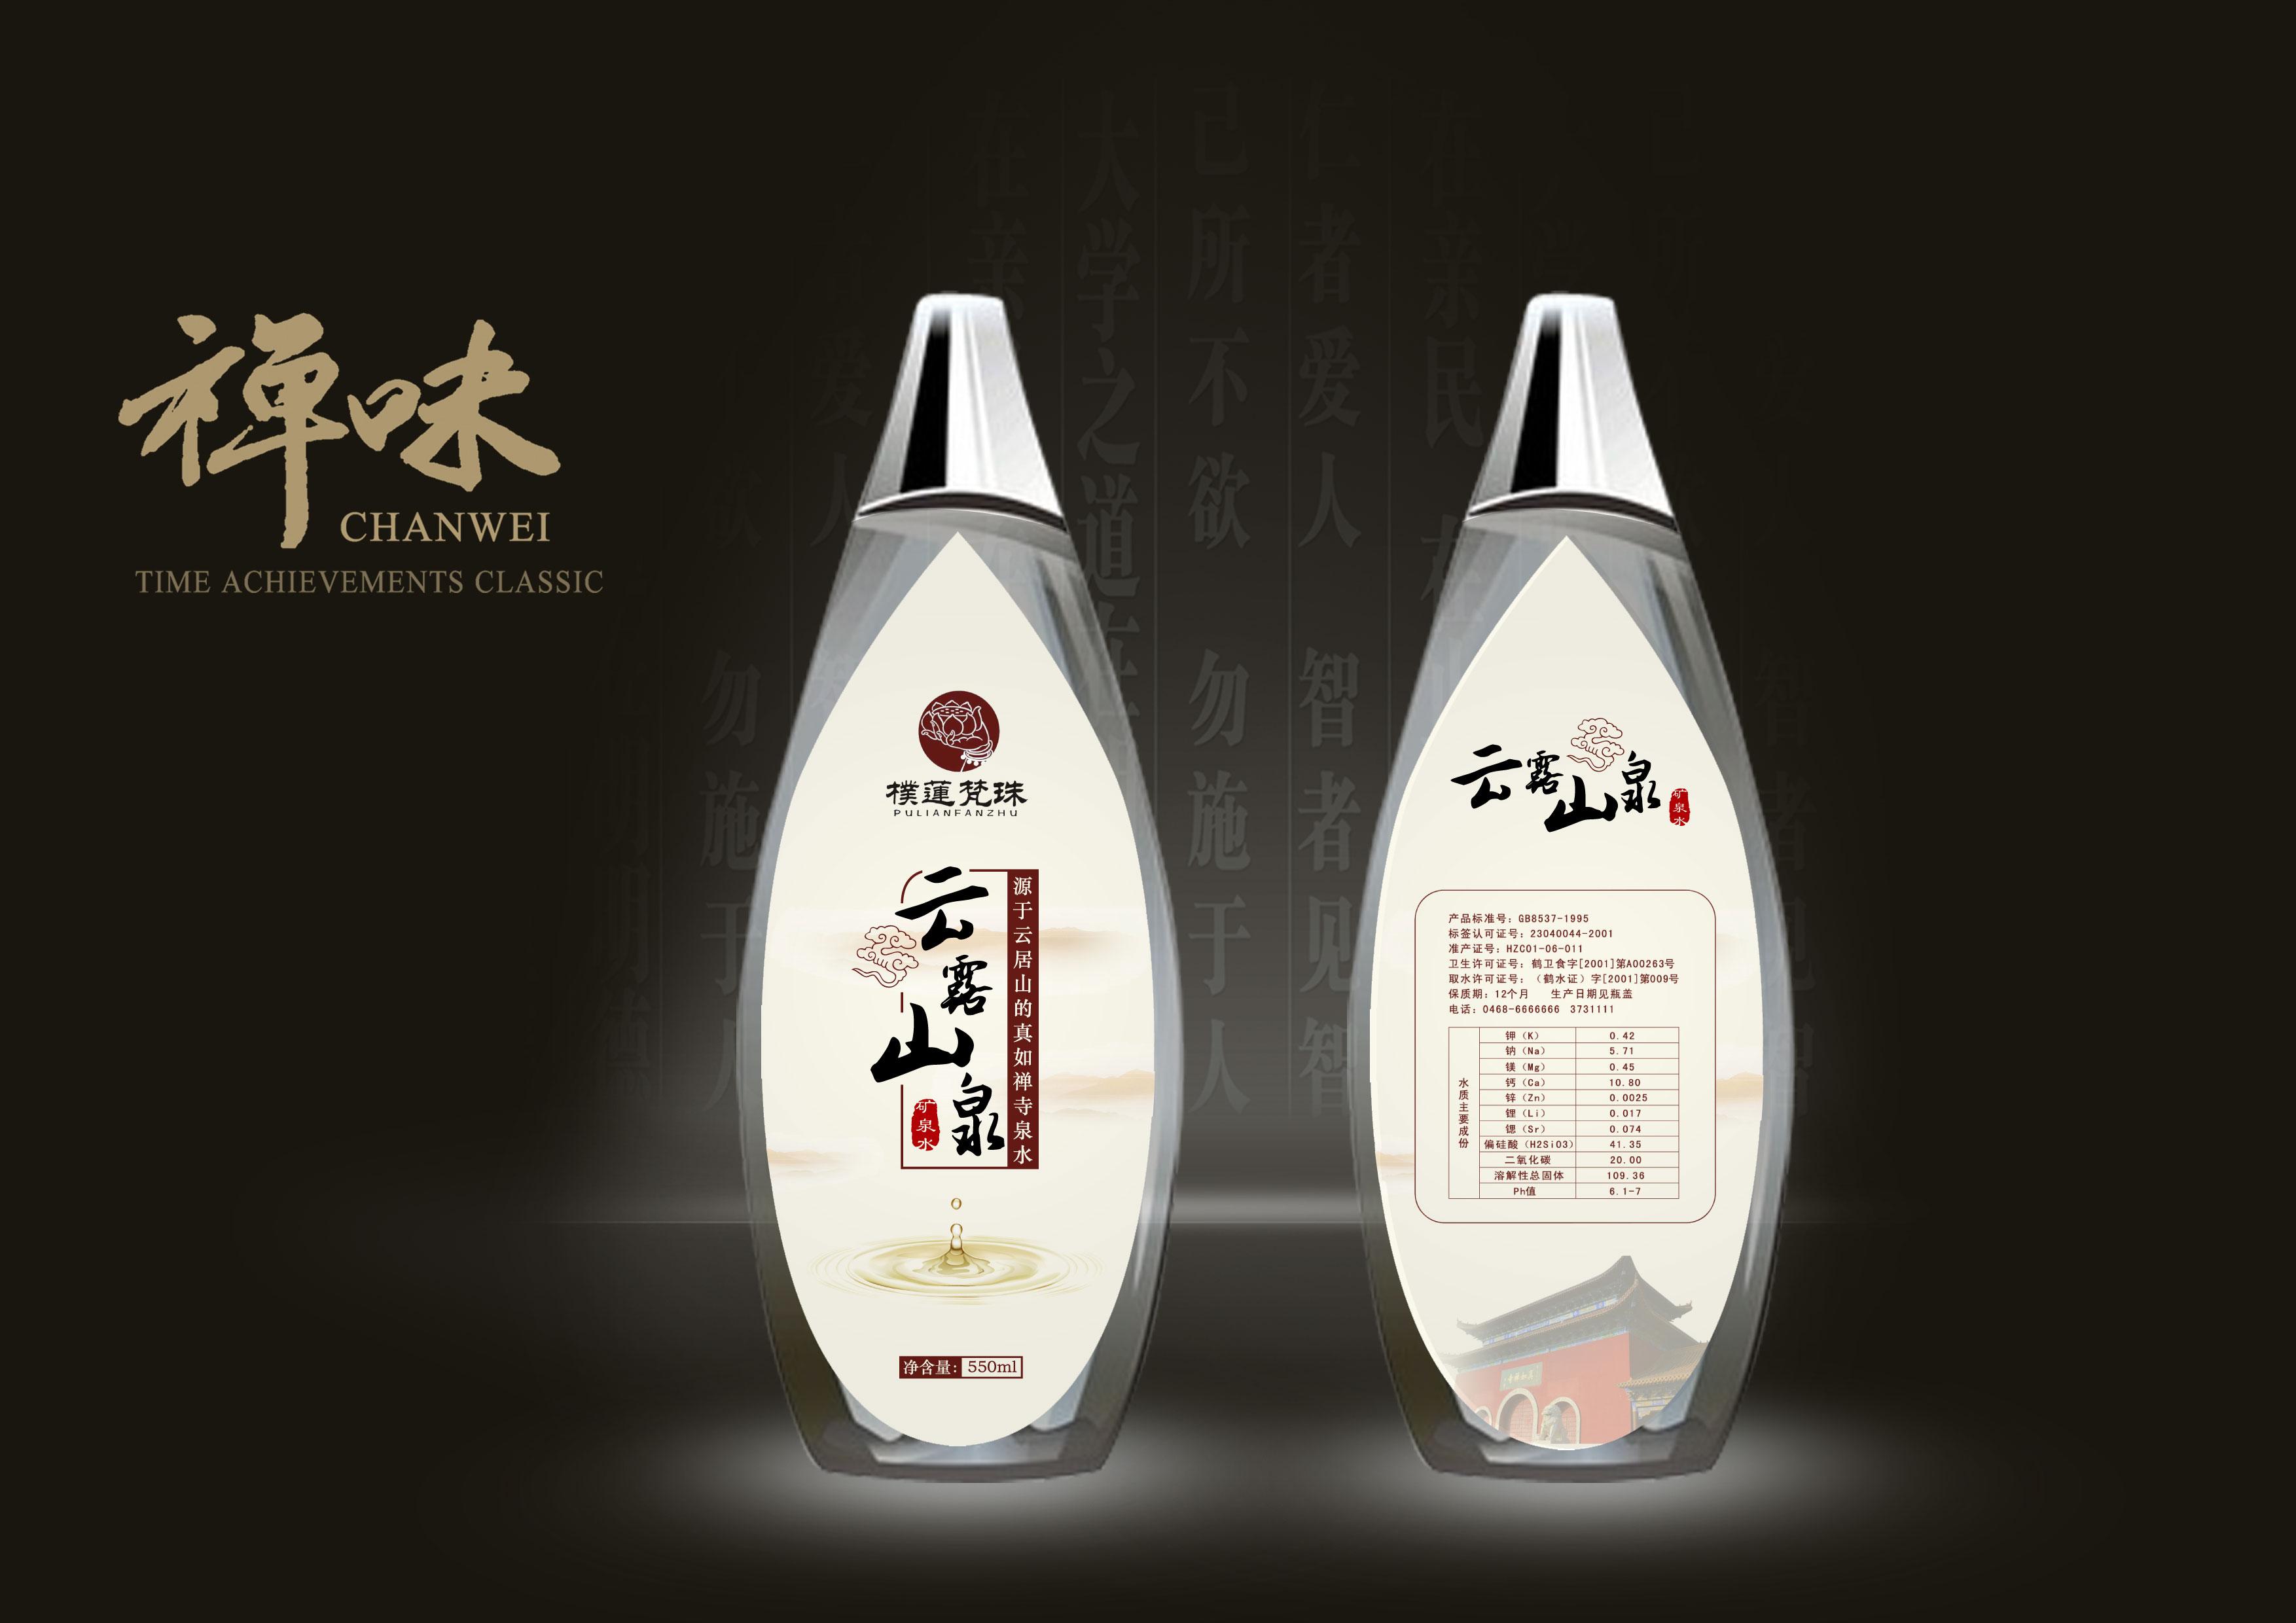 一款瓶装矿泉水包装设计,名字是云露山泉